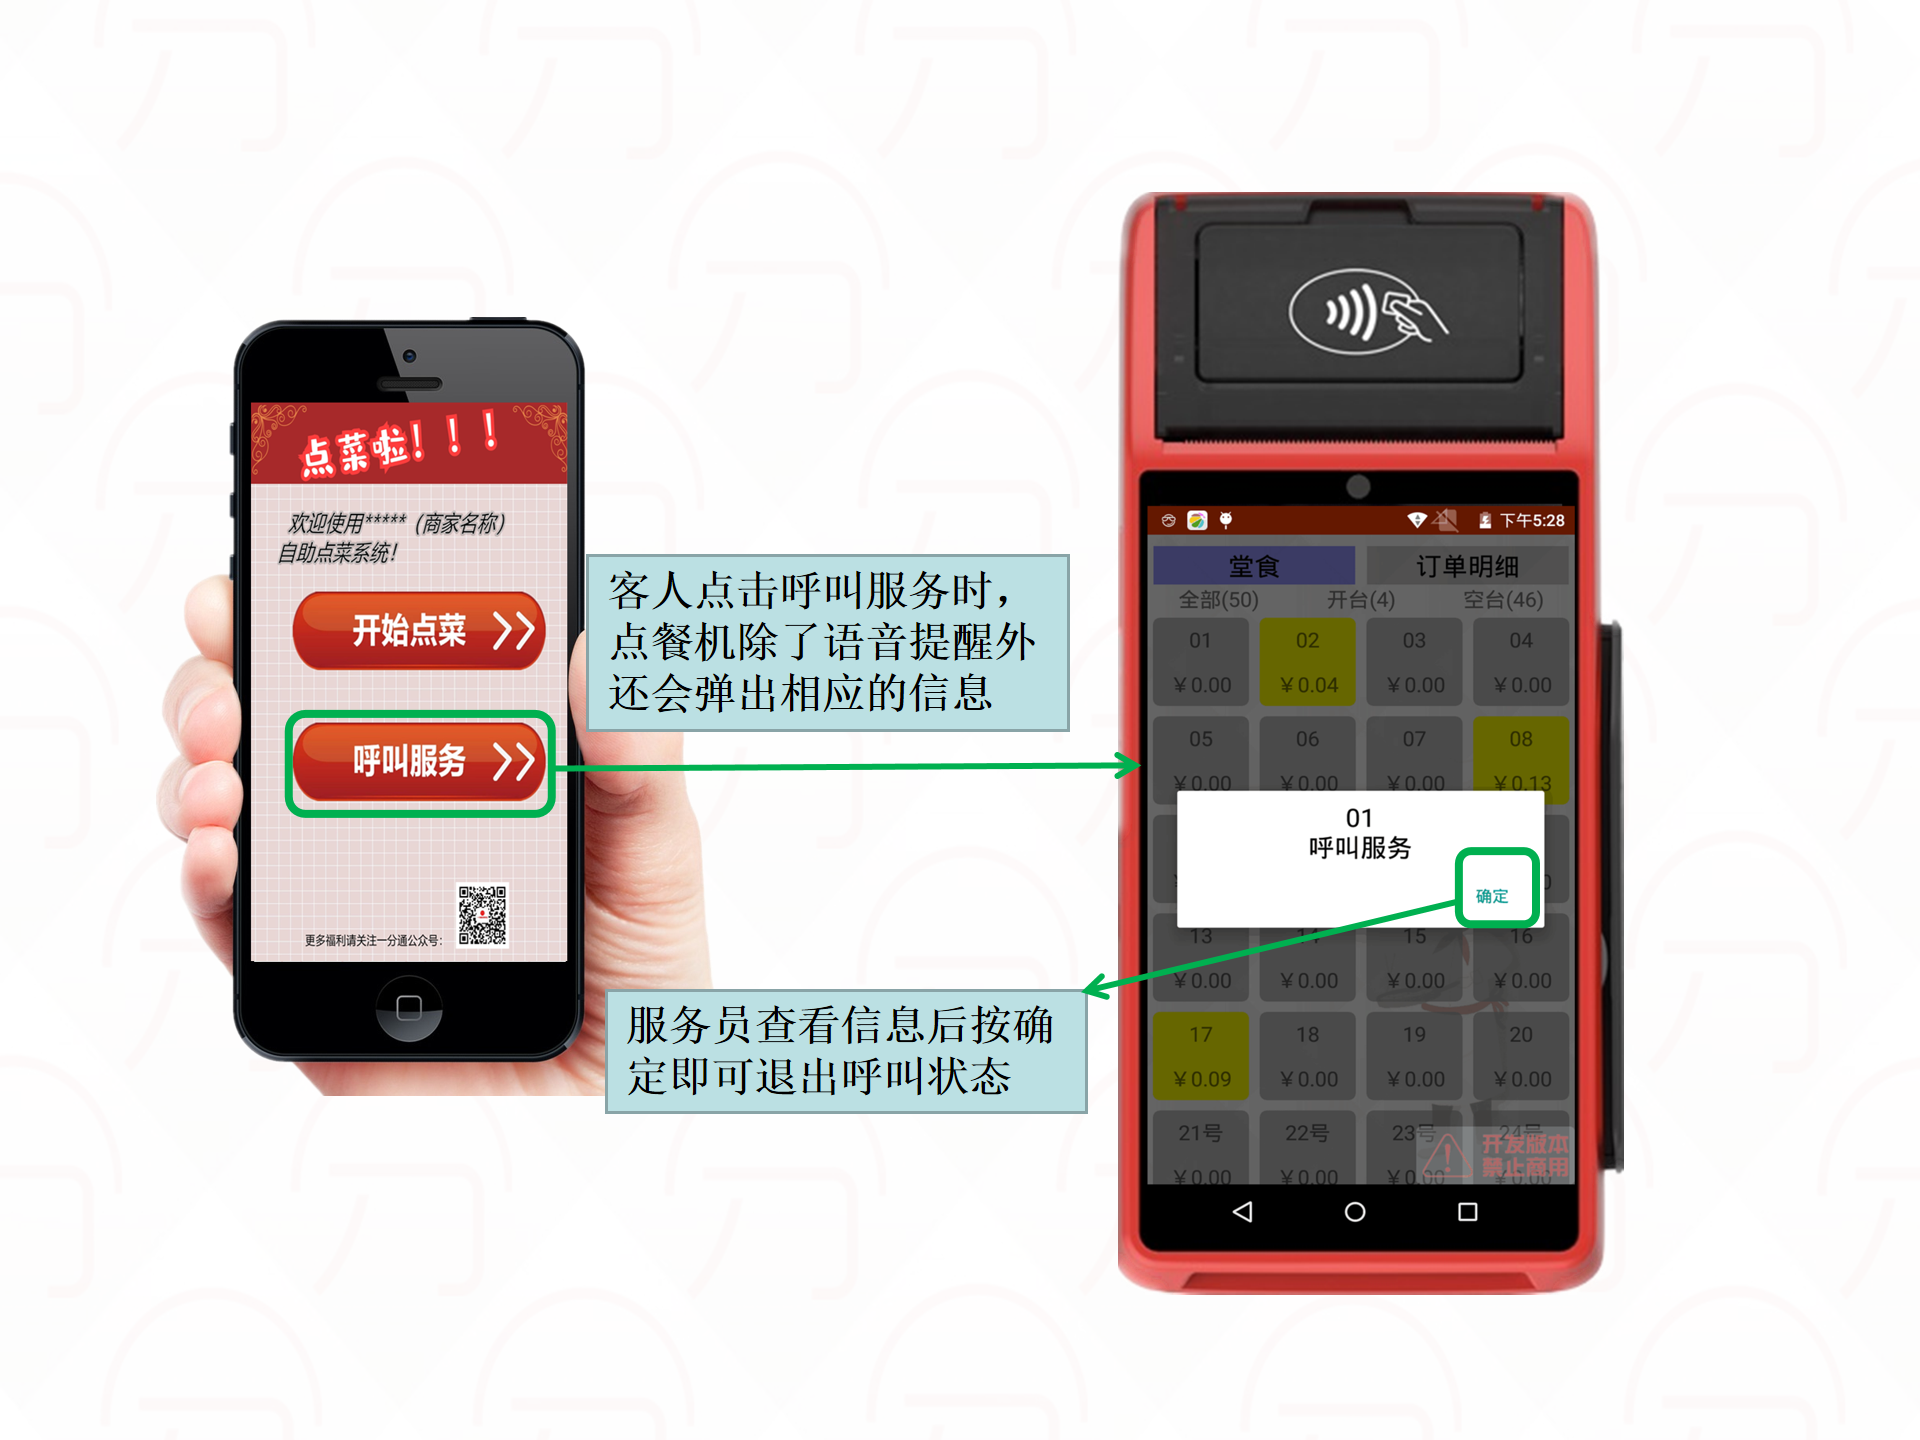 微信異業商家聯盟系統供應商_小程序行業專用軟件供應商-深圳市中賢在線技術有限公司